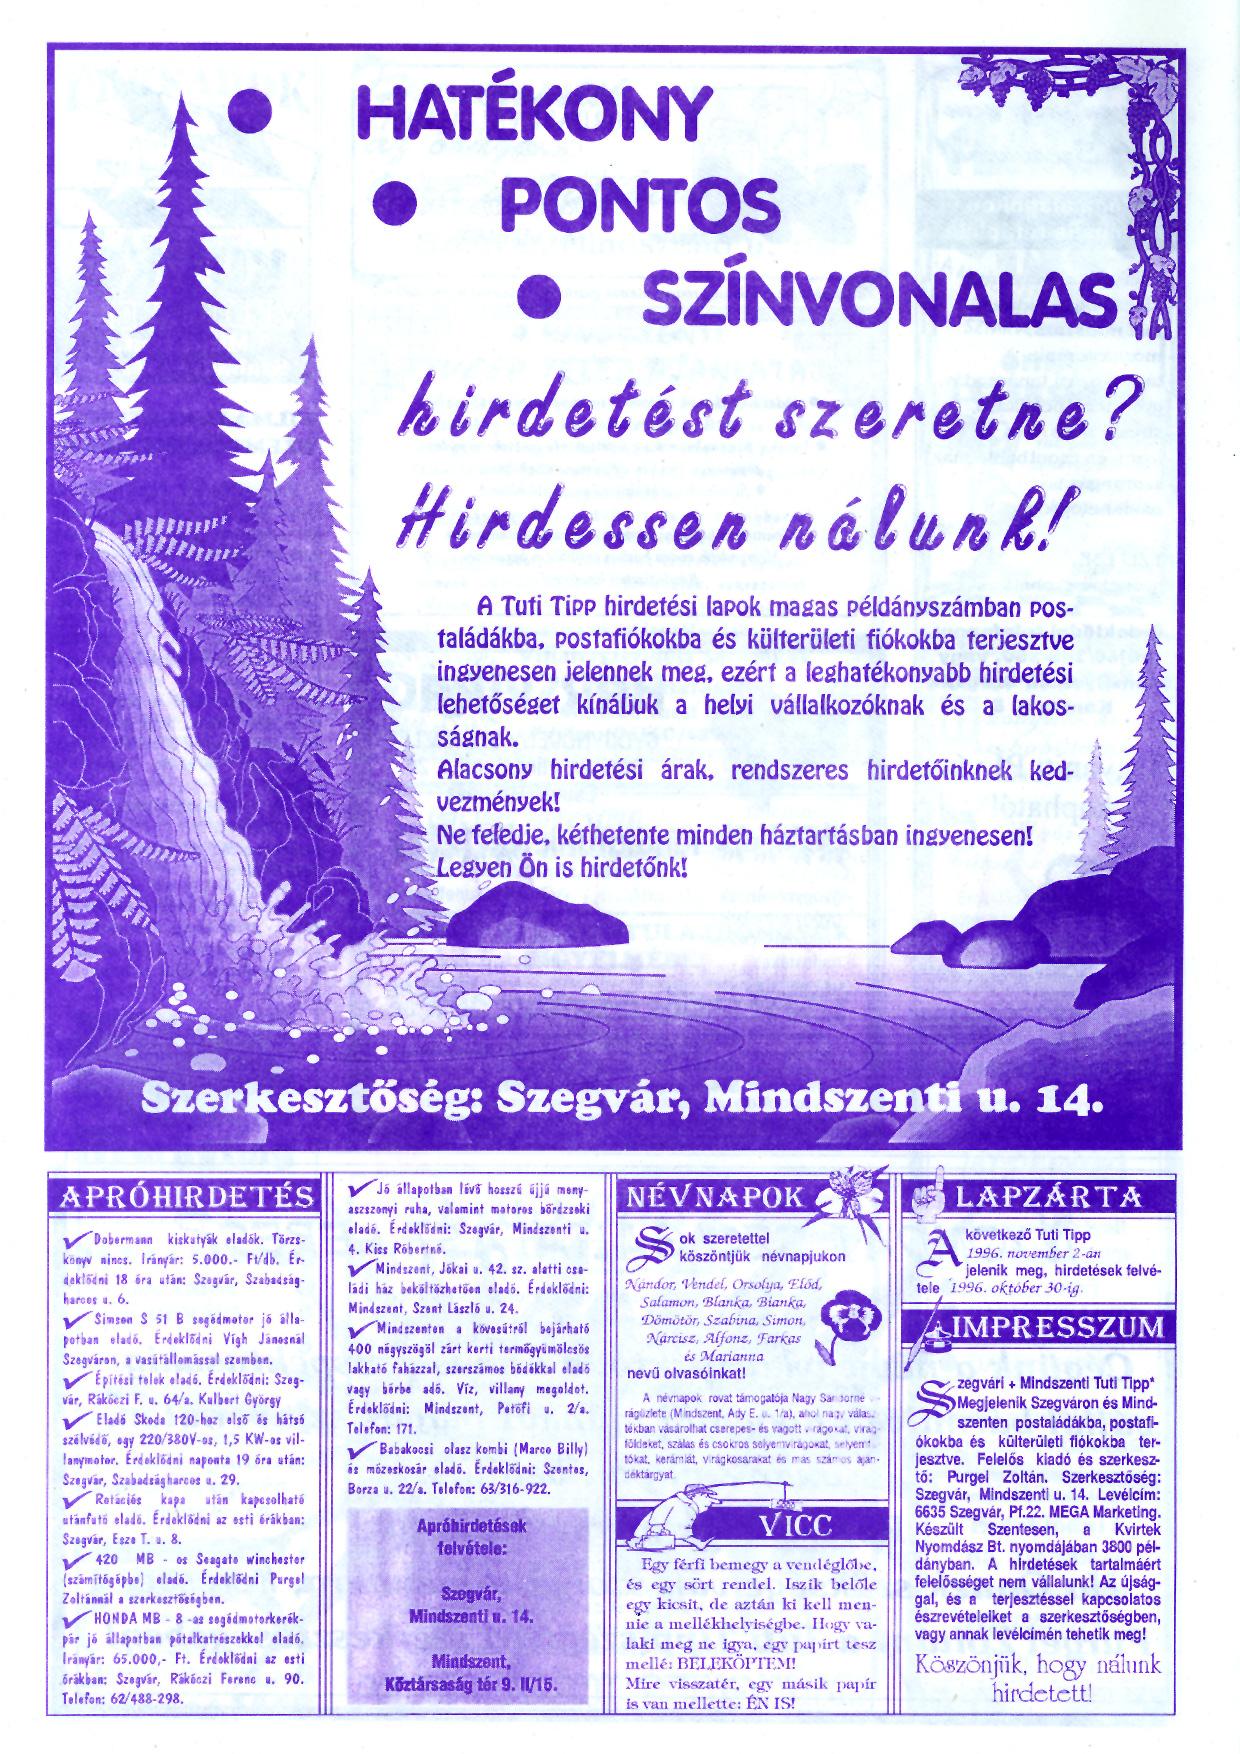 062 Szegvári és Mindszenti Tuti Tipp reklámújság - 19961019-032-009. lapszám - 4.oldal - II. évfolyam.jpg